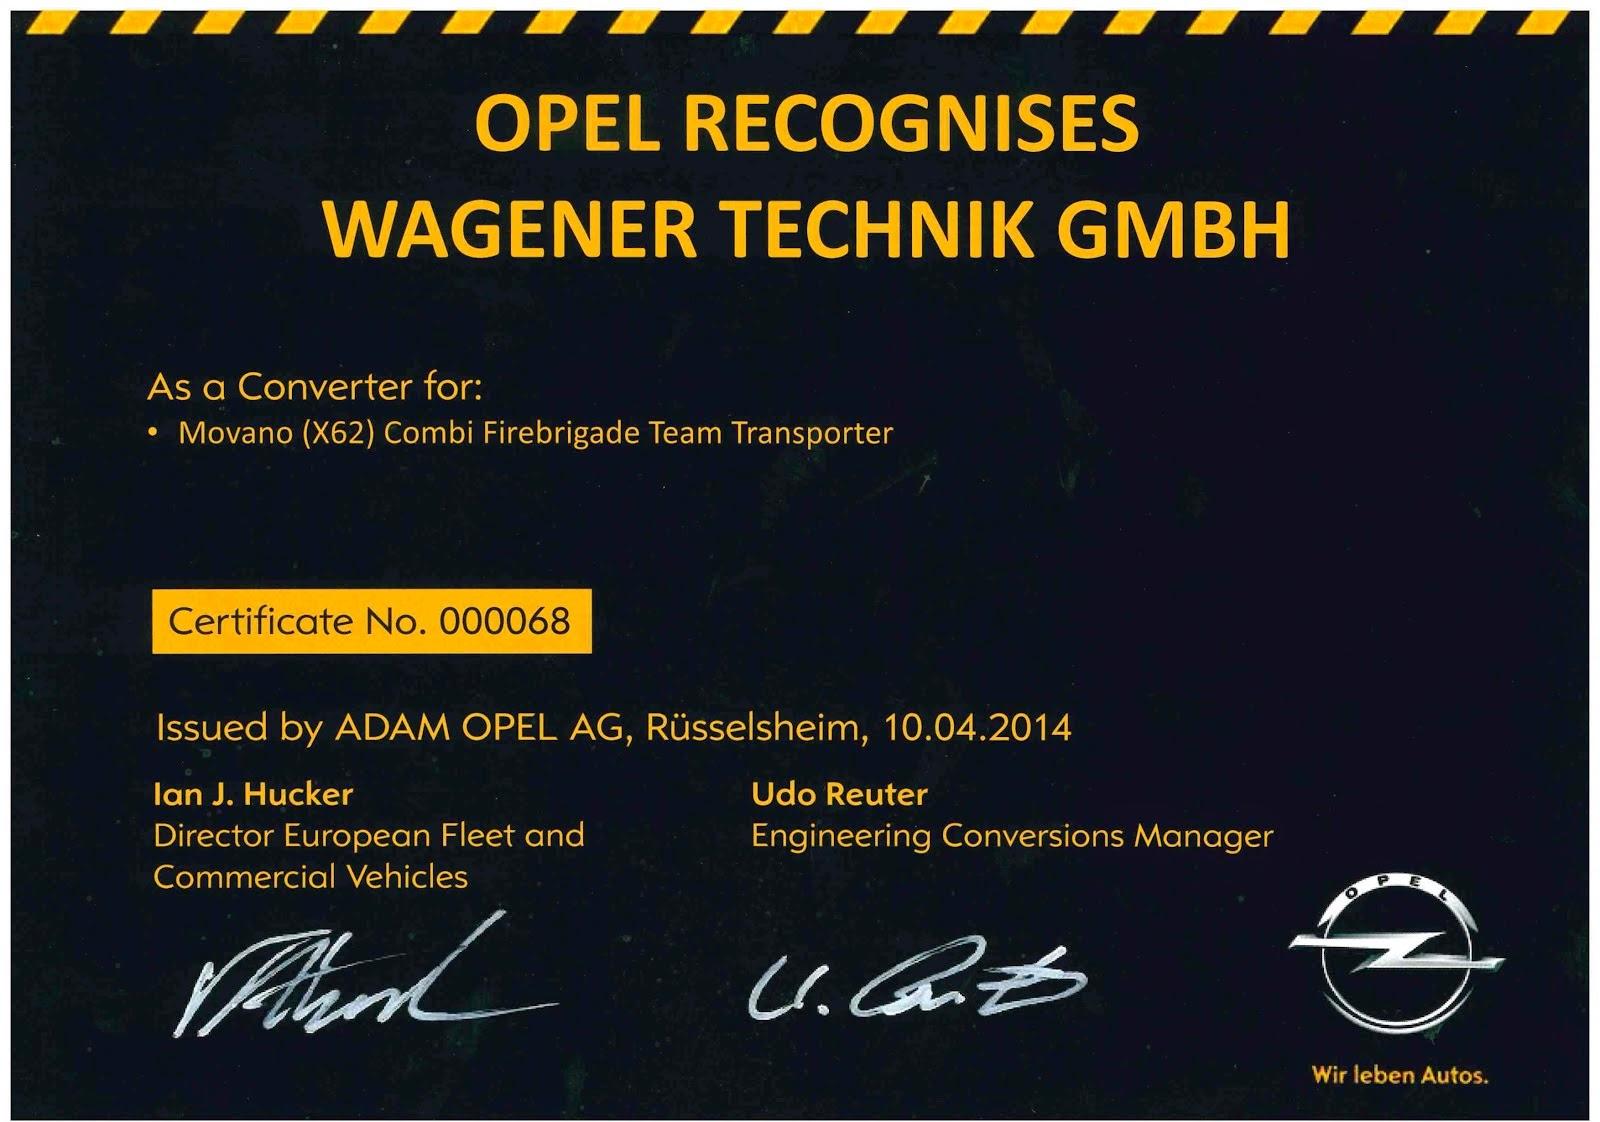 Opel Aufbauhersteller-Zertifikat 2014